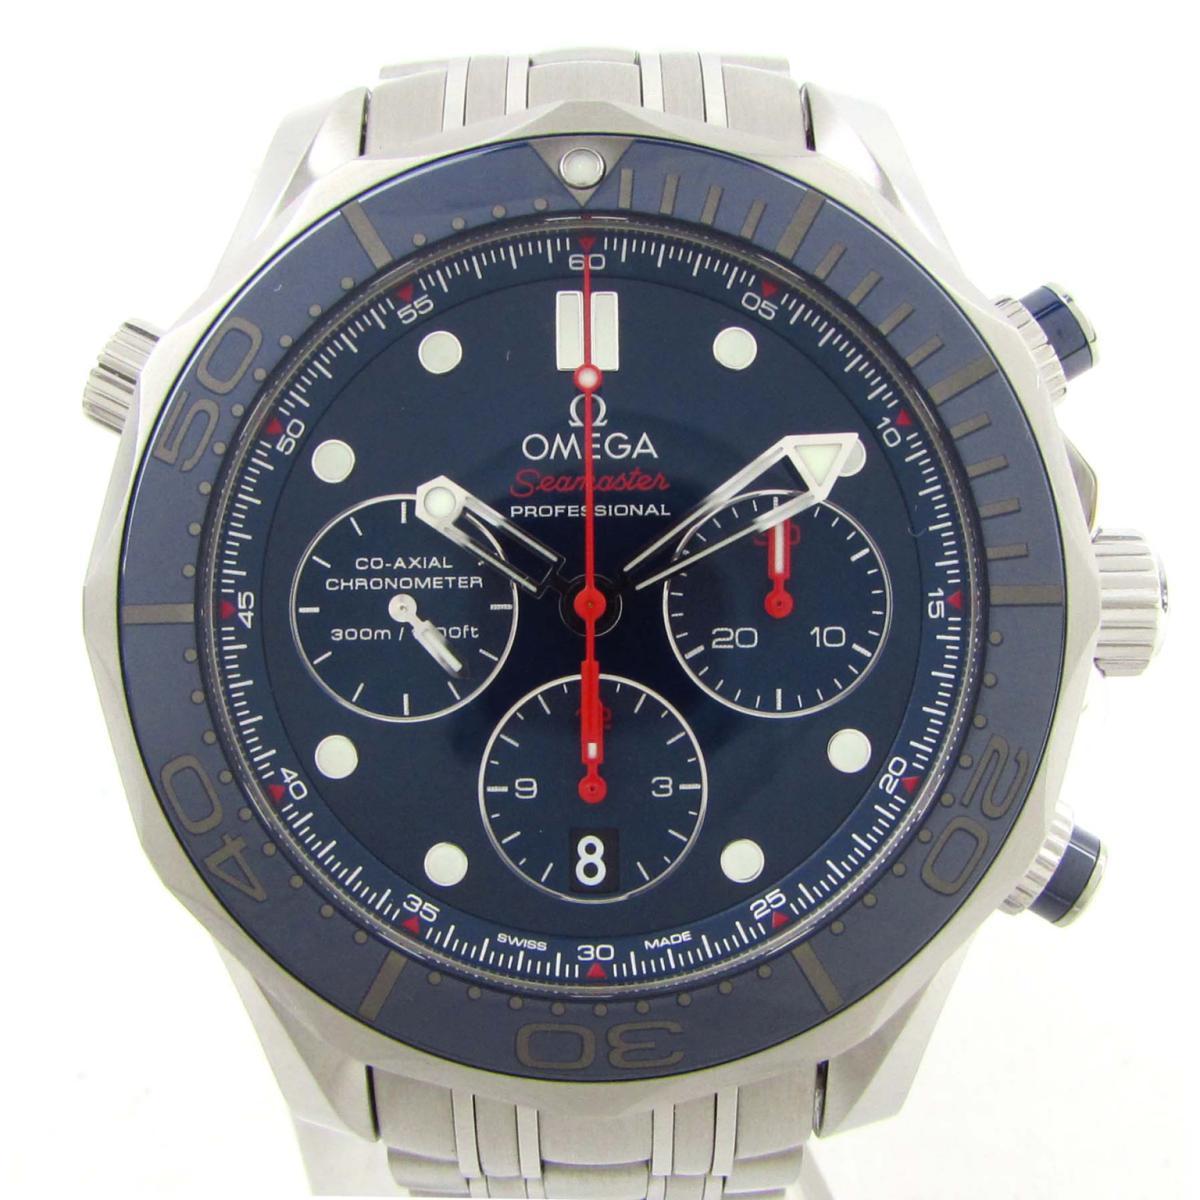 【中古】 オメガ シーマスターダイバー ウォッチ 腕時計 メンズ ステンレススチール (SS) (212.30.44.50.03.001) | OMEGA BRANDOFF ブランドオフ ブランド ブランド時計 ブランド腕時計 時計